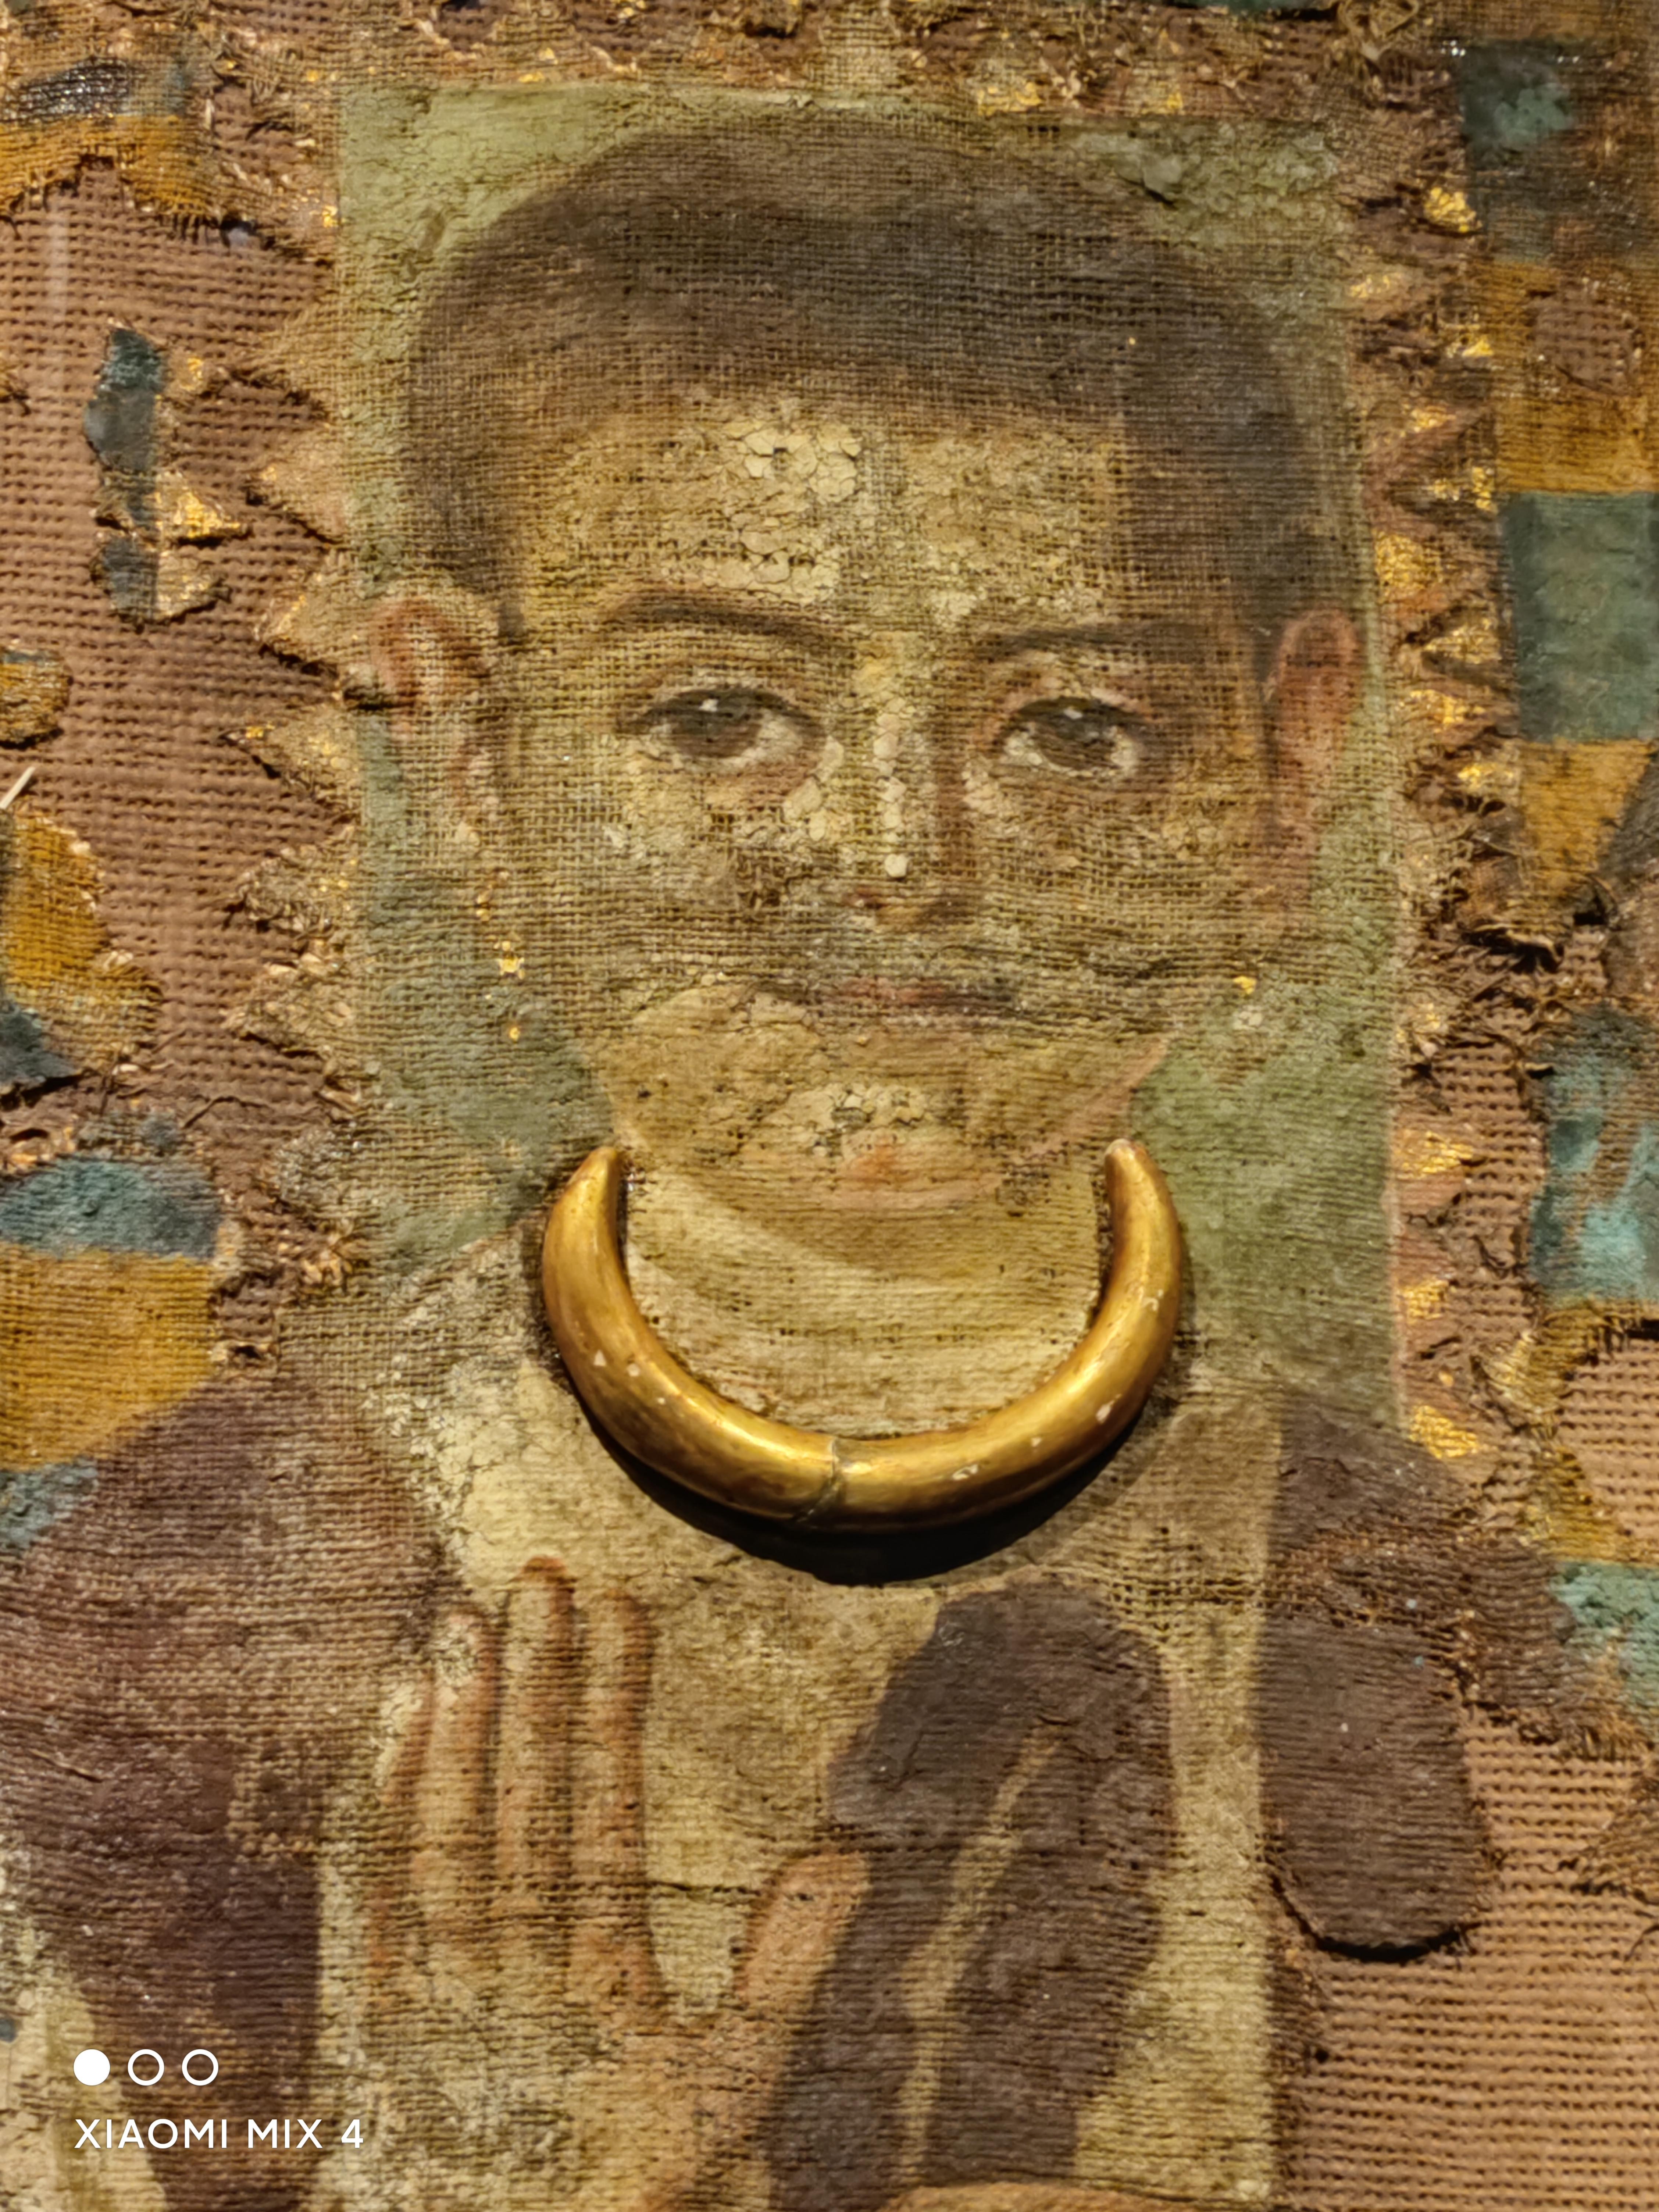 黄金木乃伊实拍:107件稀世文物用小米MIX 4带你穿回神秘古埃及